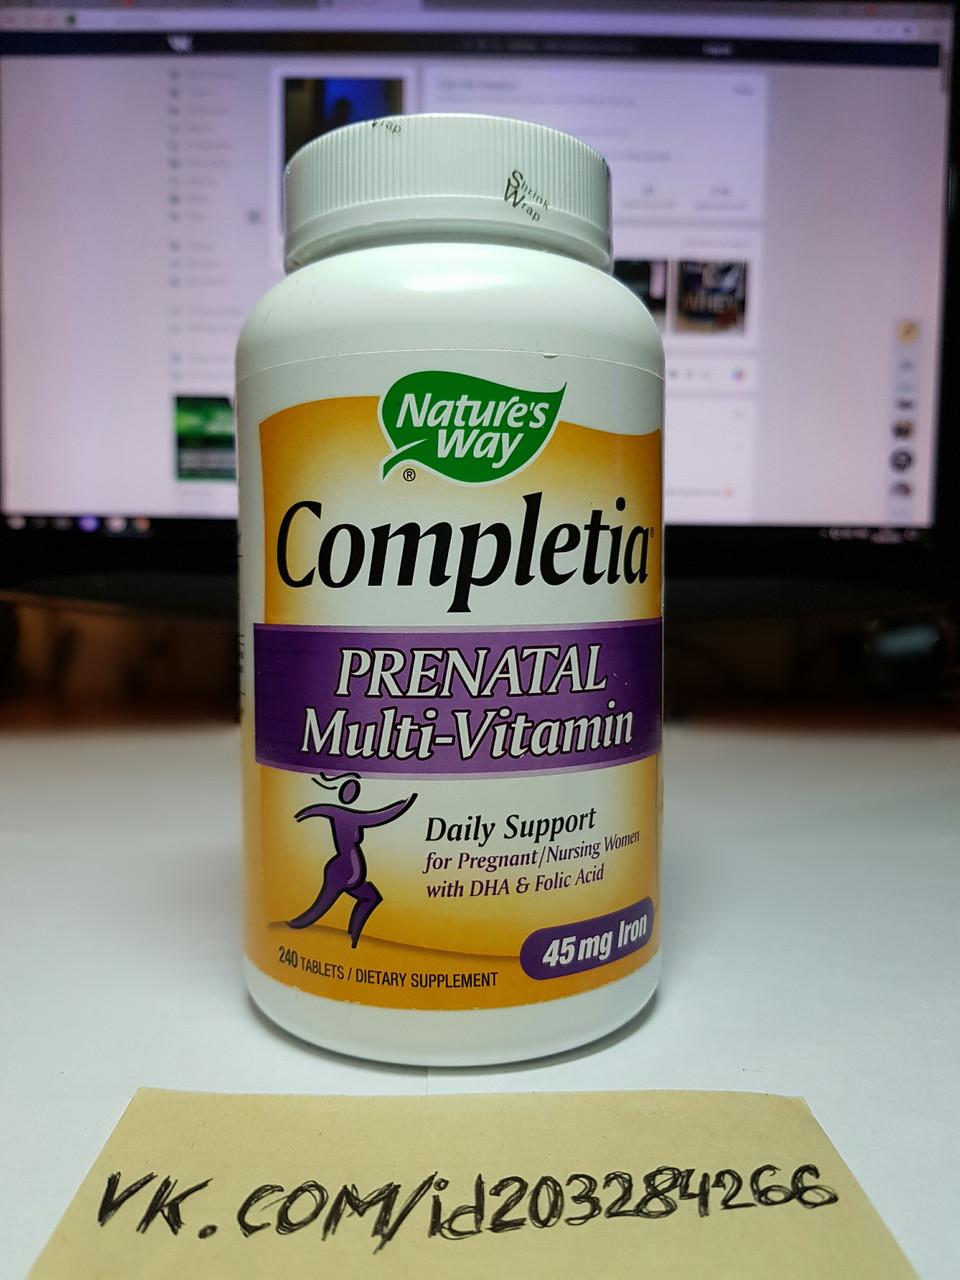 Витамины для беременных и кормящих женщин Nature's Way Completia Prenatal Multivitamin 240 табл